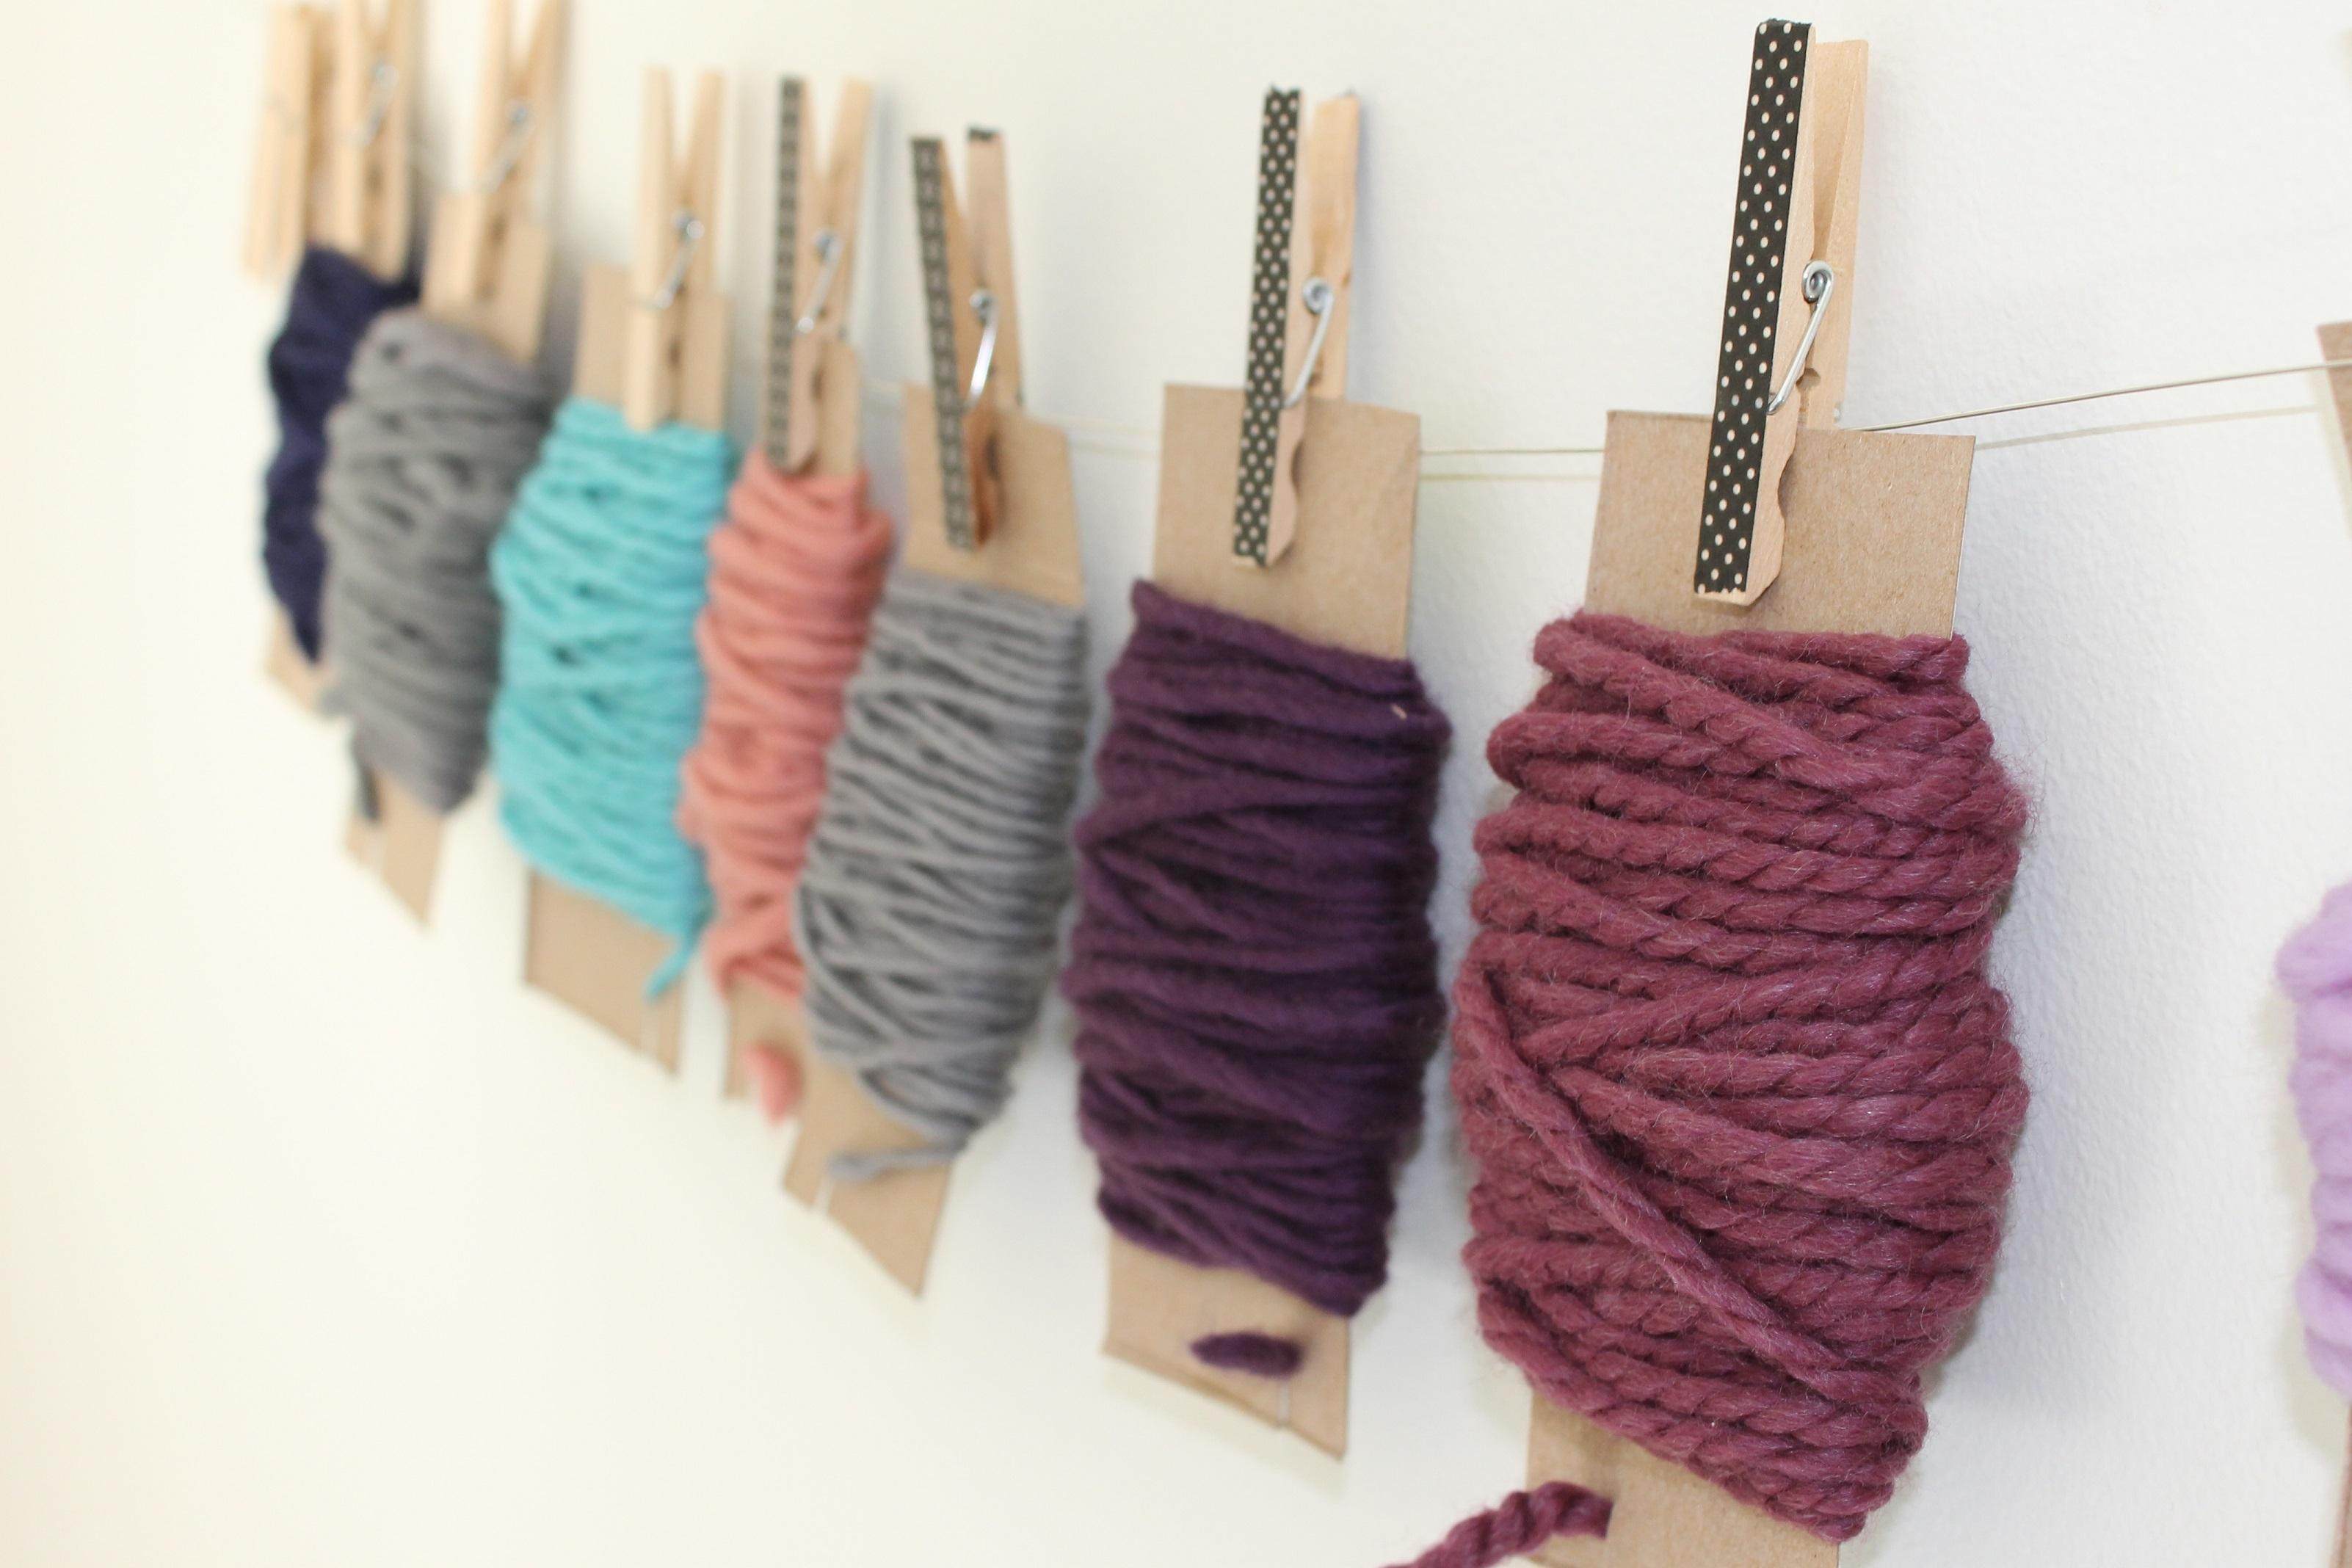 Yarn scrap organizer